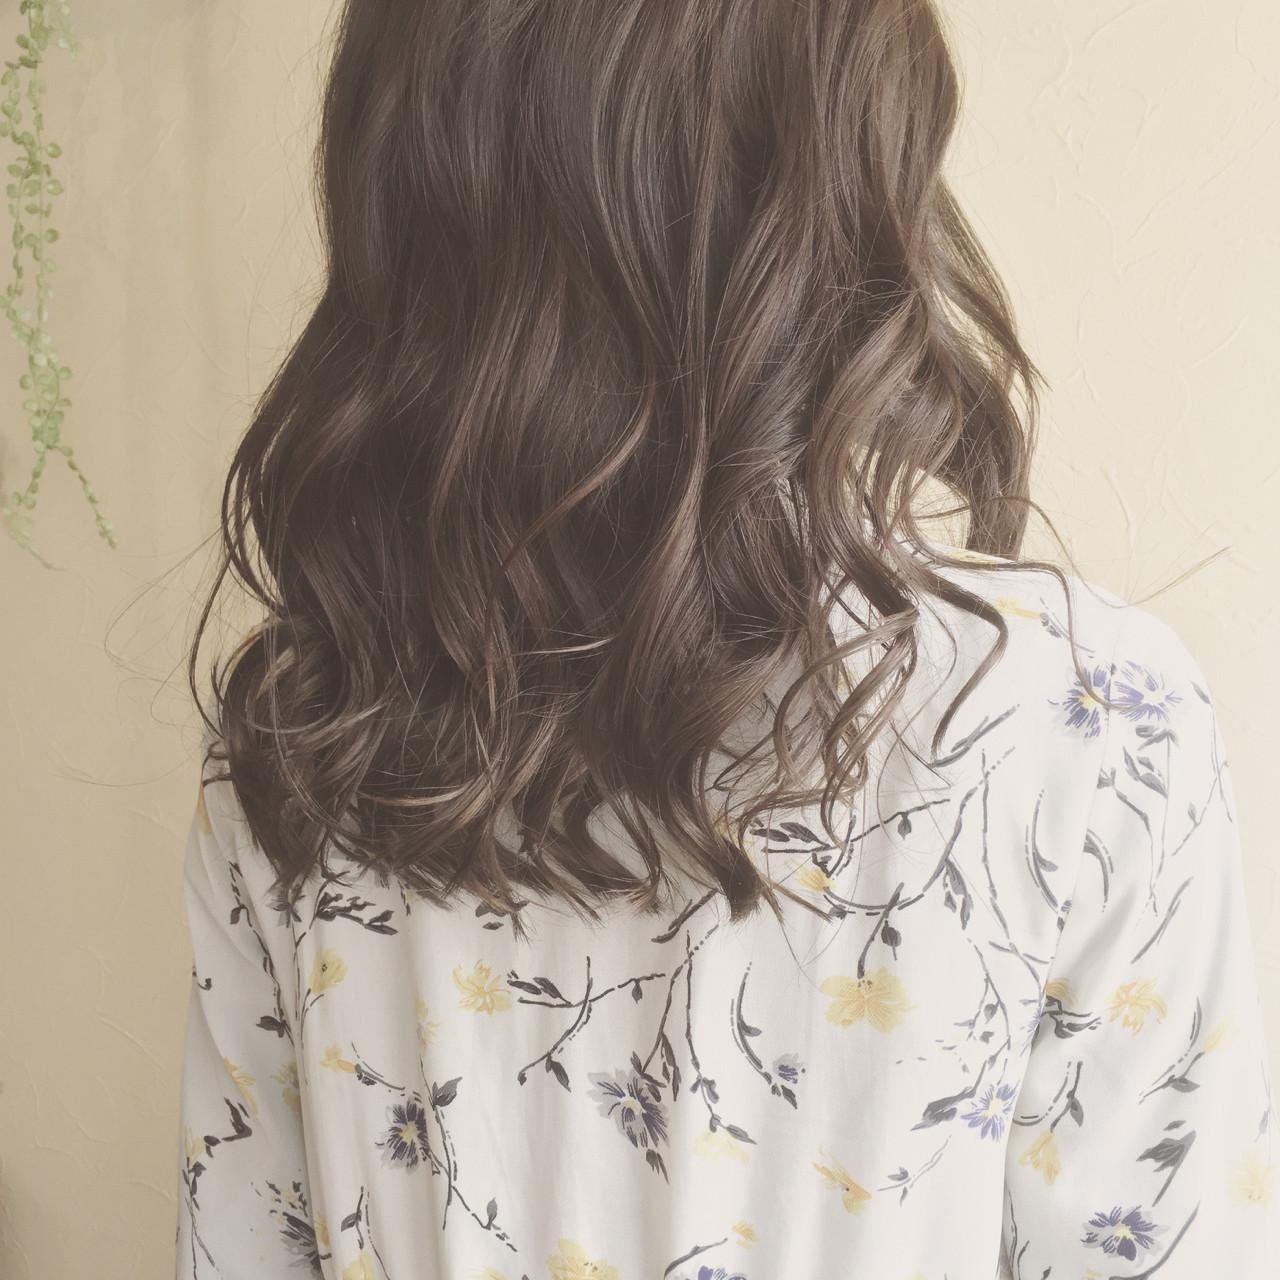 デート フェミニン カール ロング ヘアスタイルや髪型の写真・画像